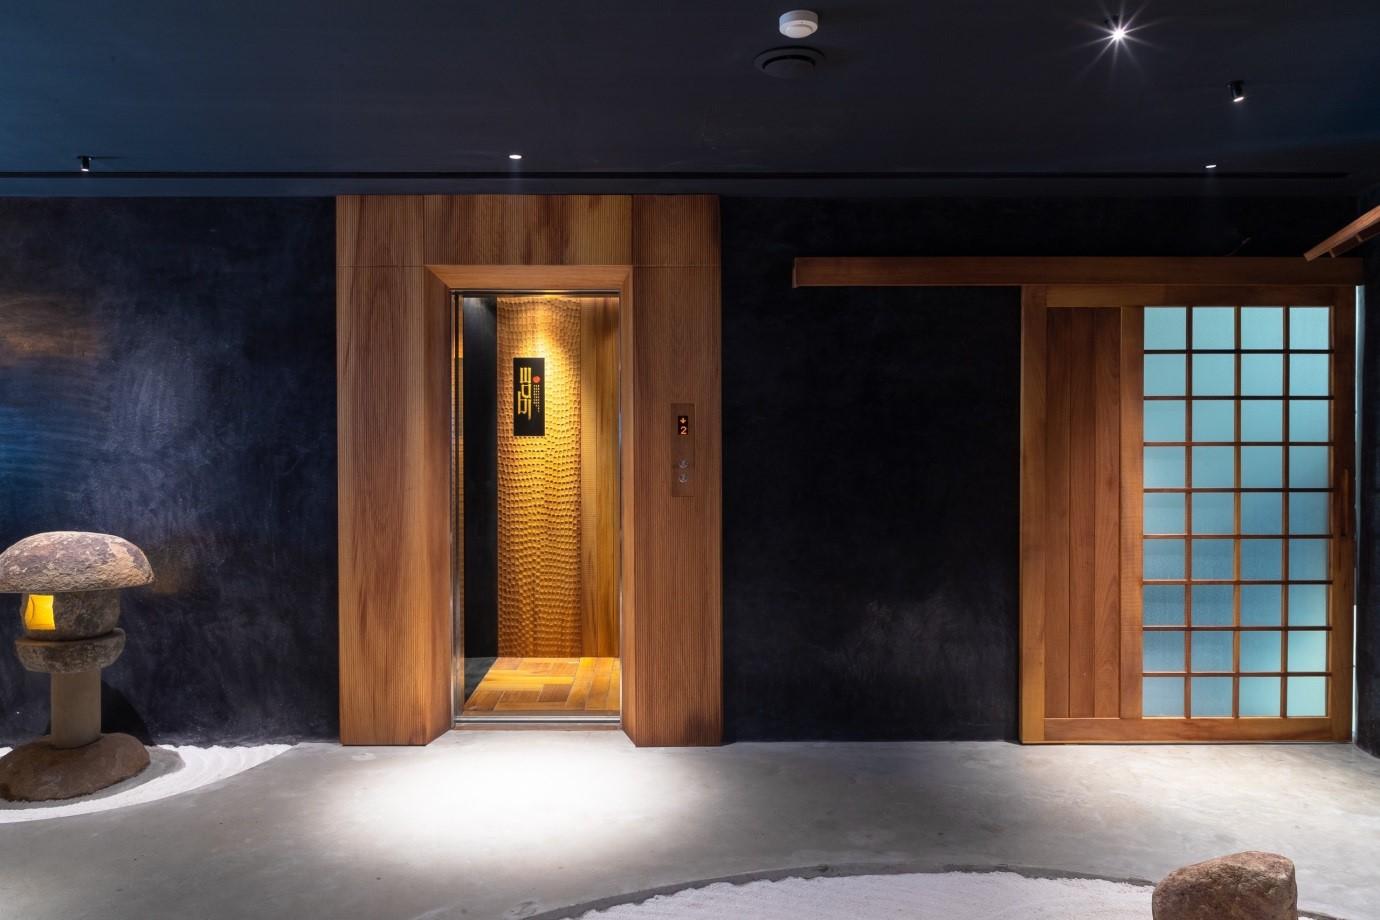 Không gian sang trọng, tinh tế tại Wabi Premium Japanese Restaurant  - Ảnh 5